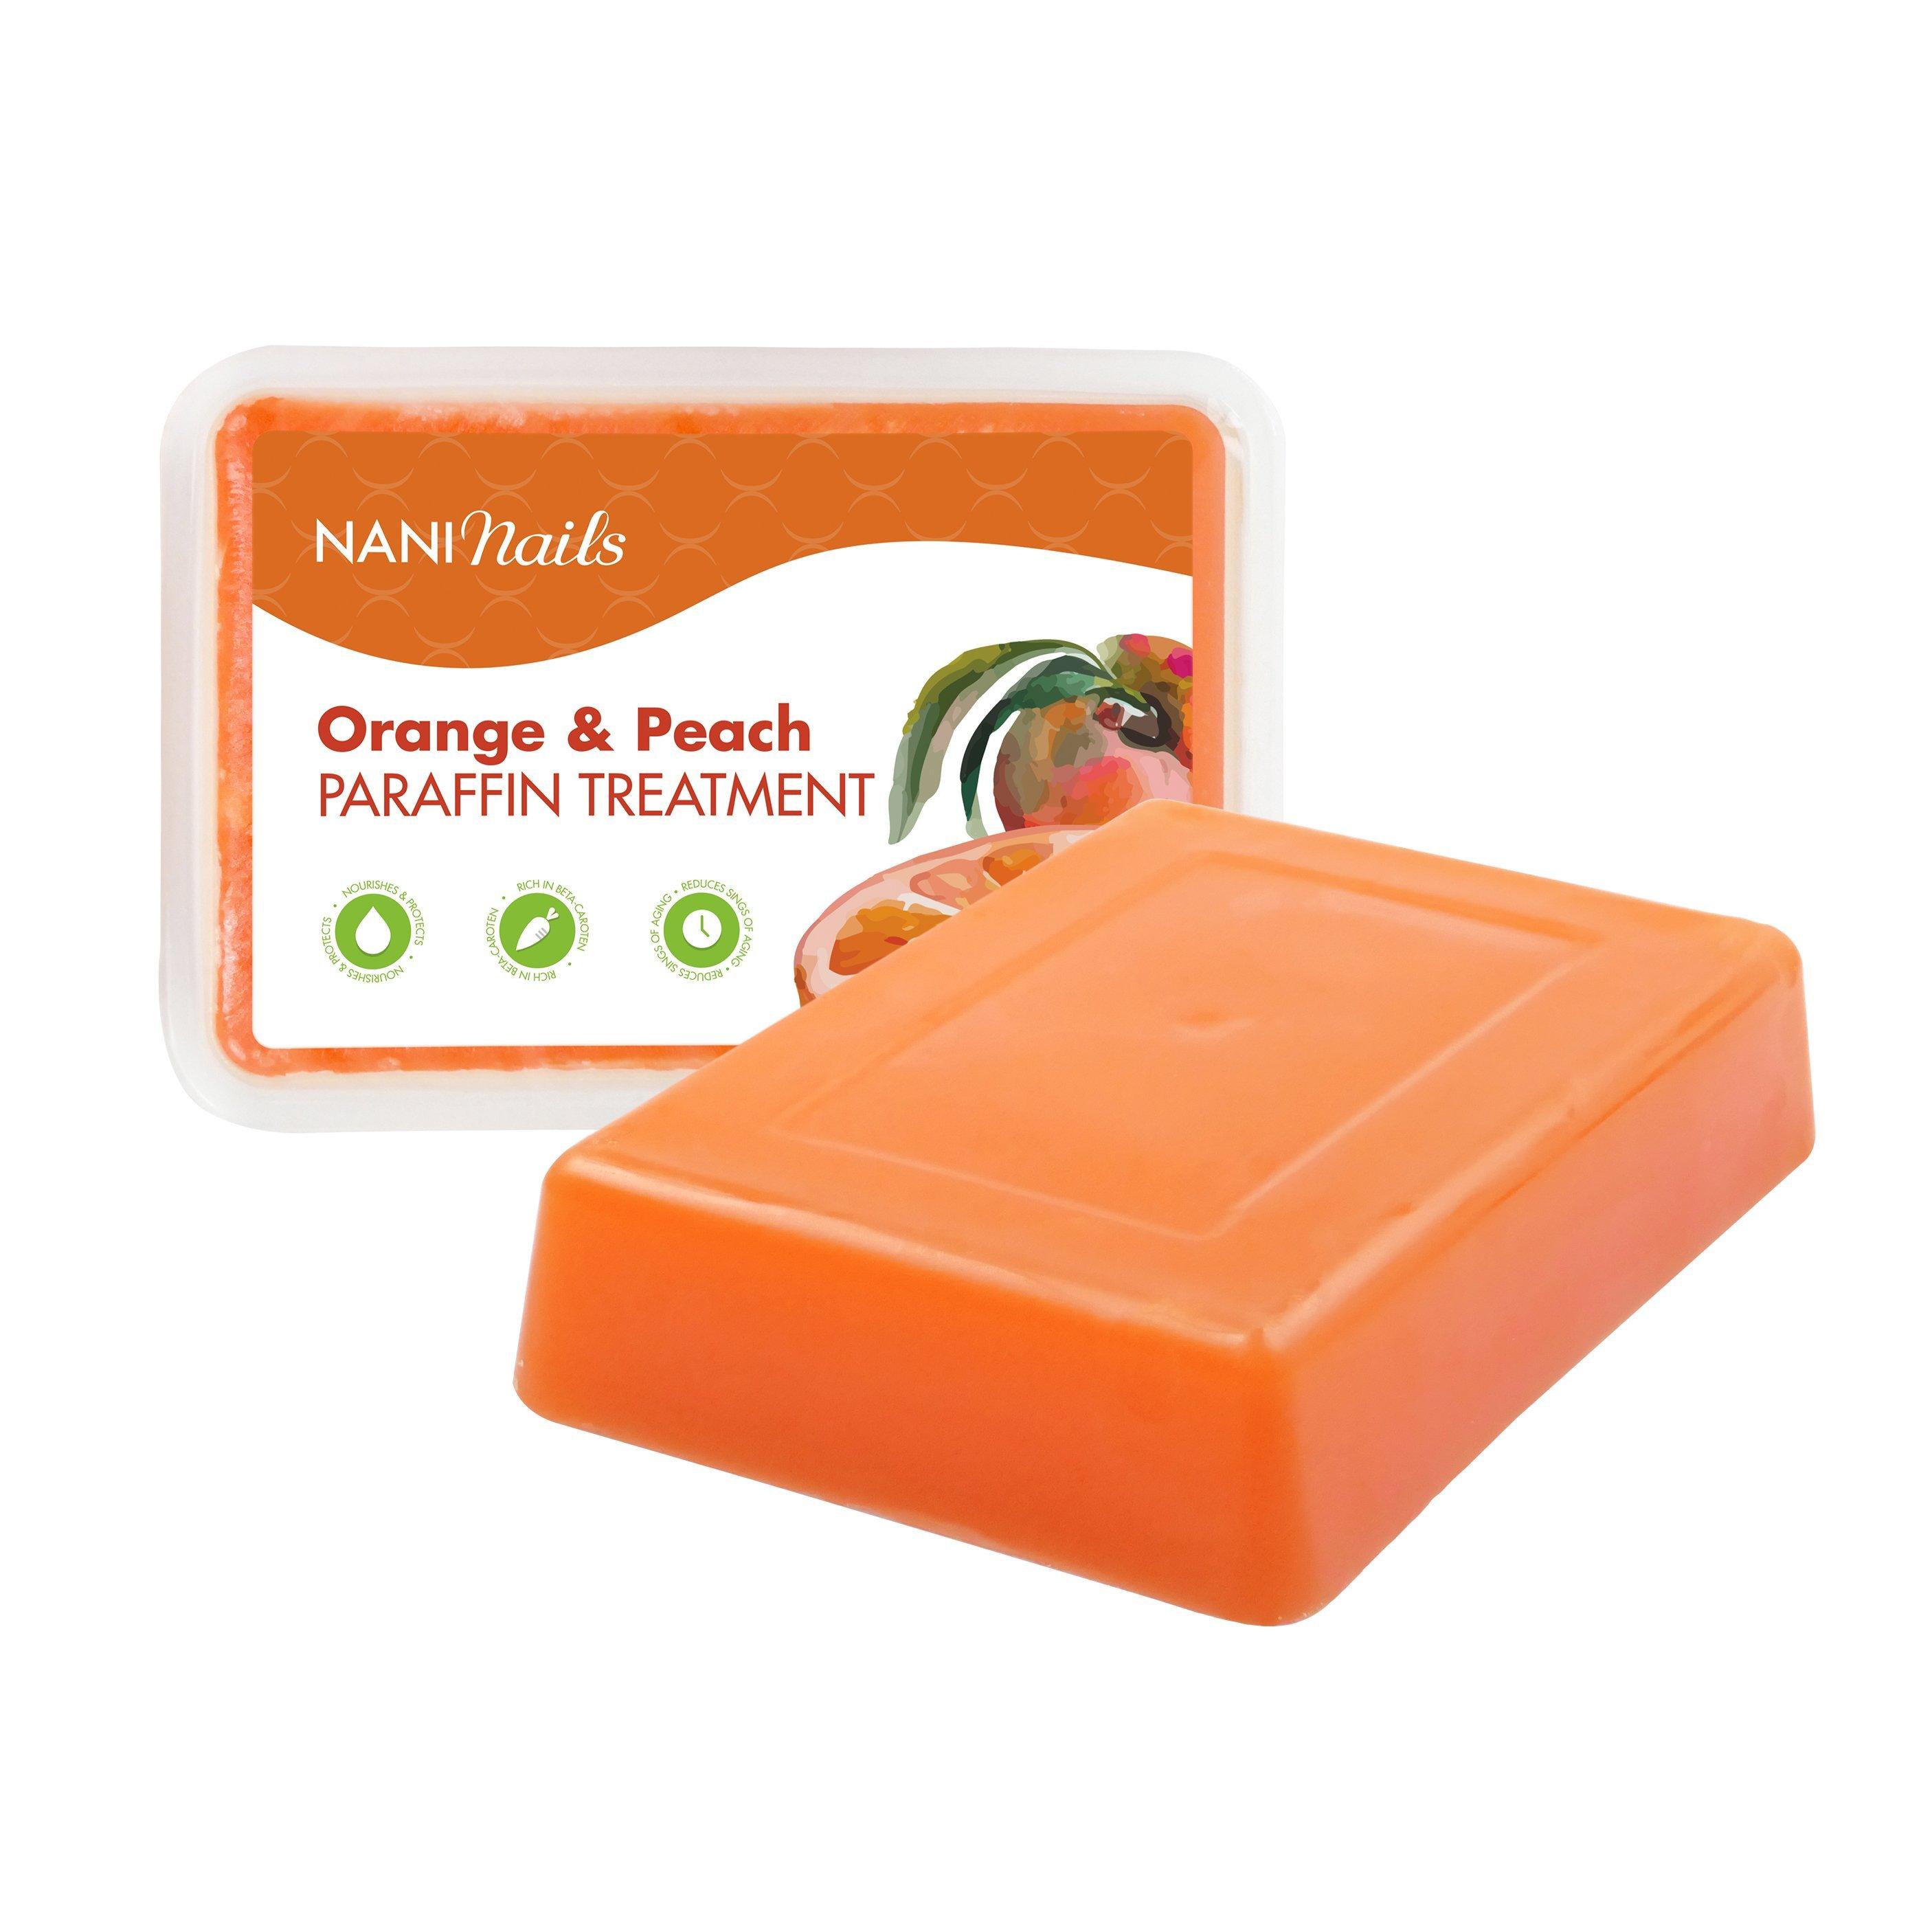 NANI kozmetický parafín 500 g - Orange & Peach